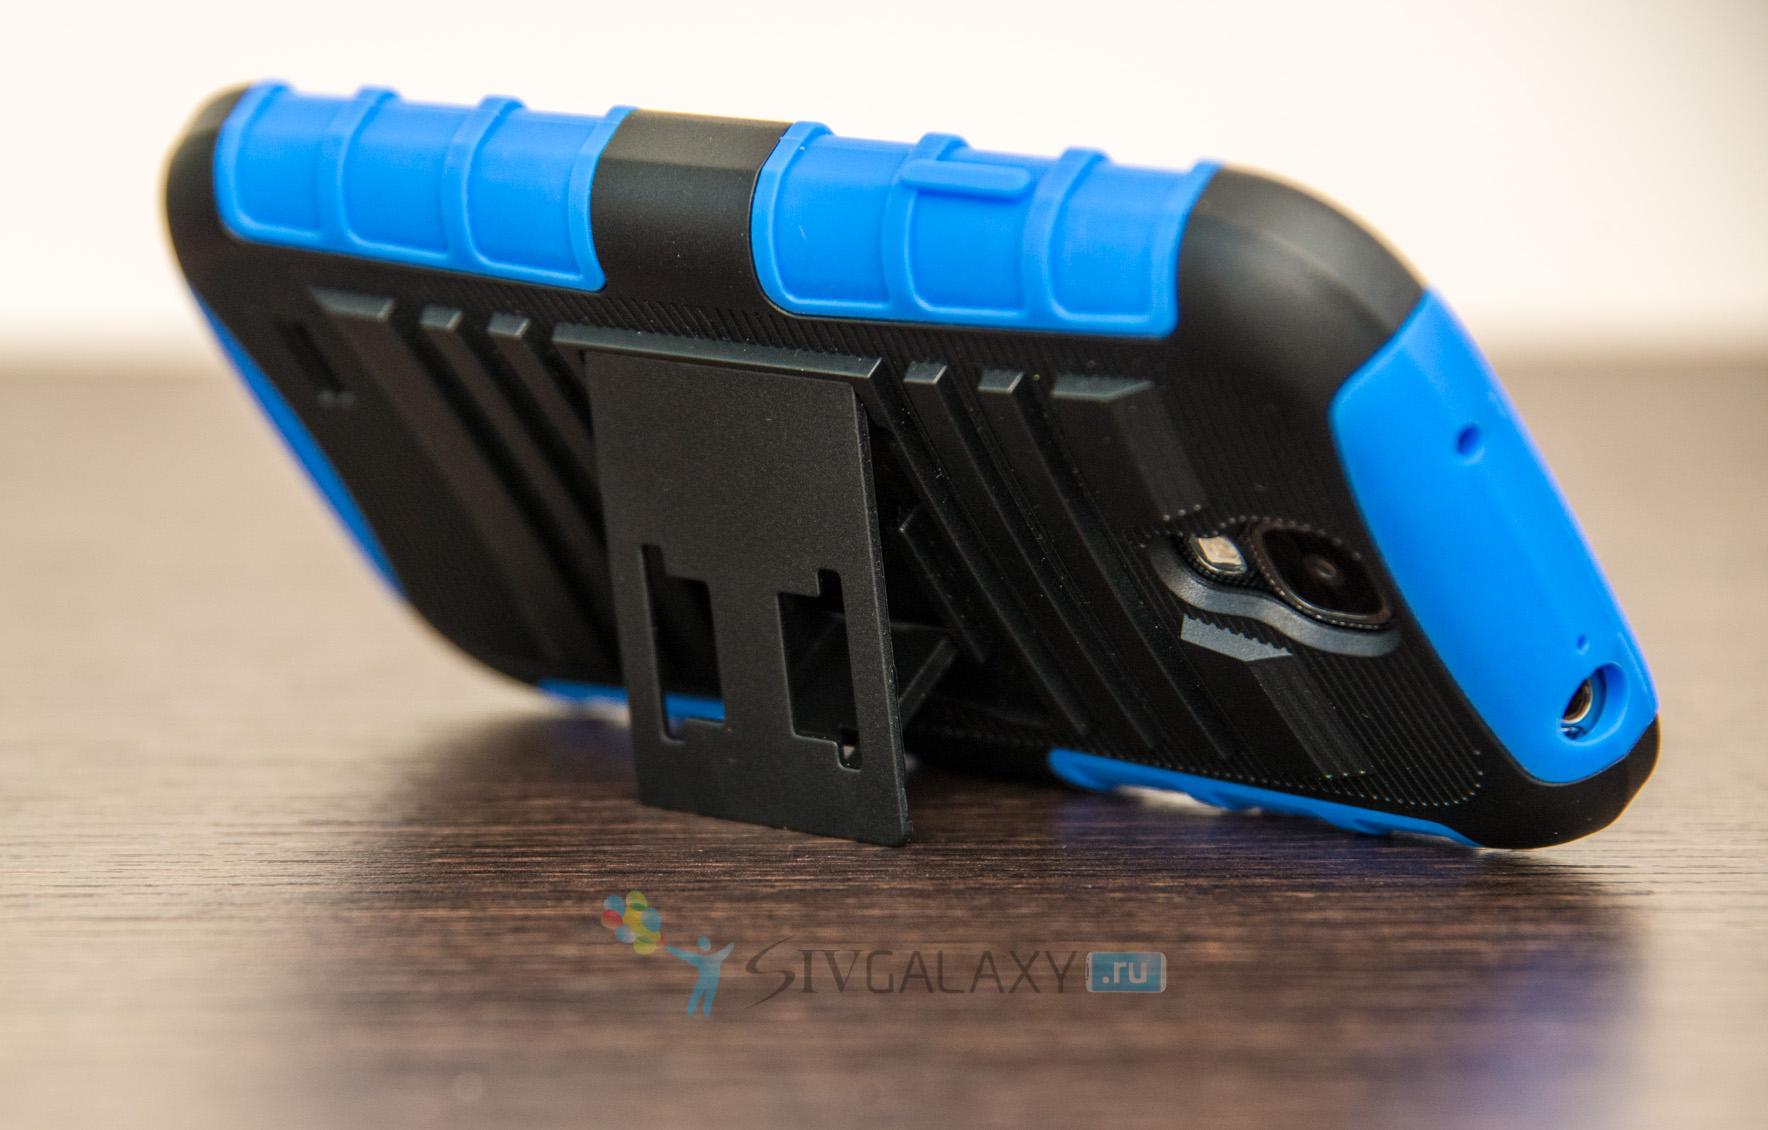 Чехол из резины для Galaxy S4 i9505